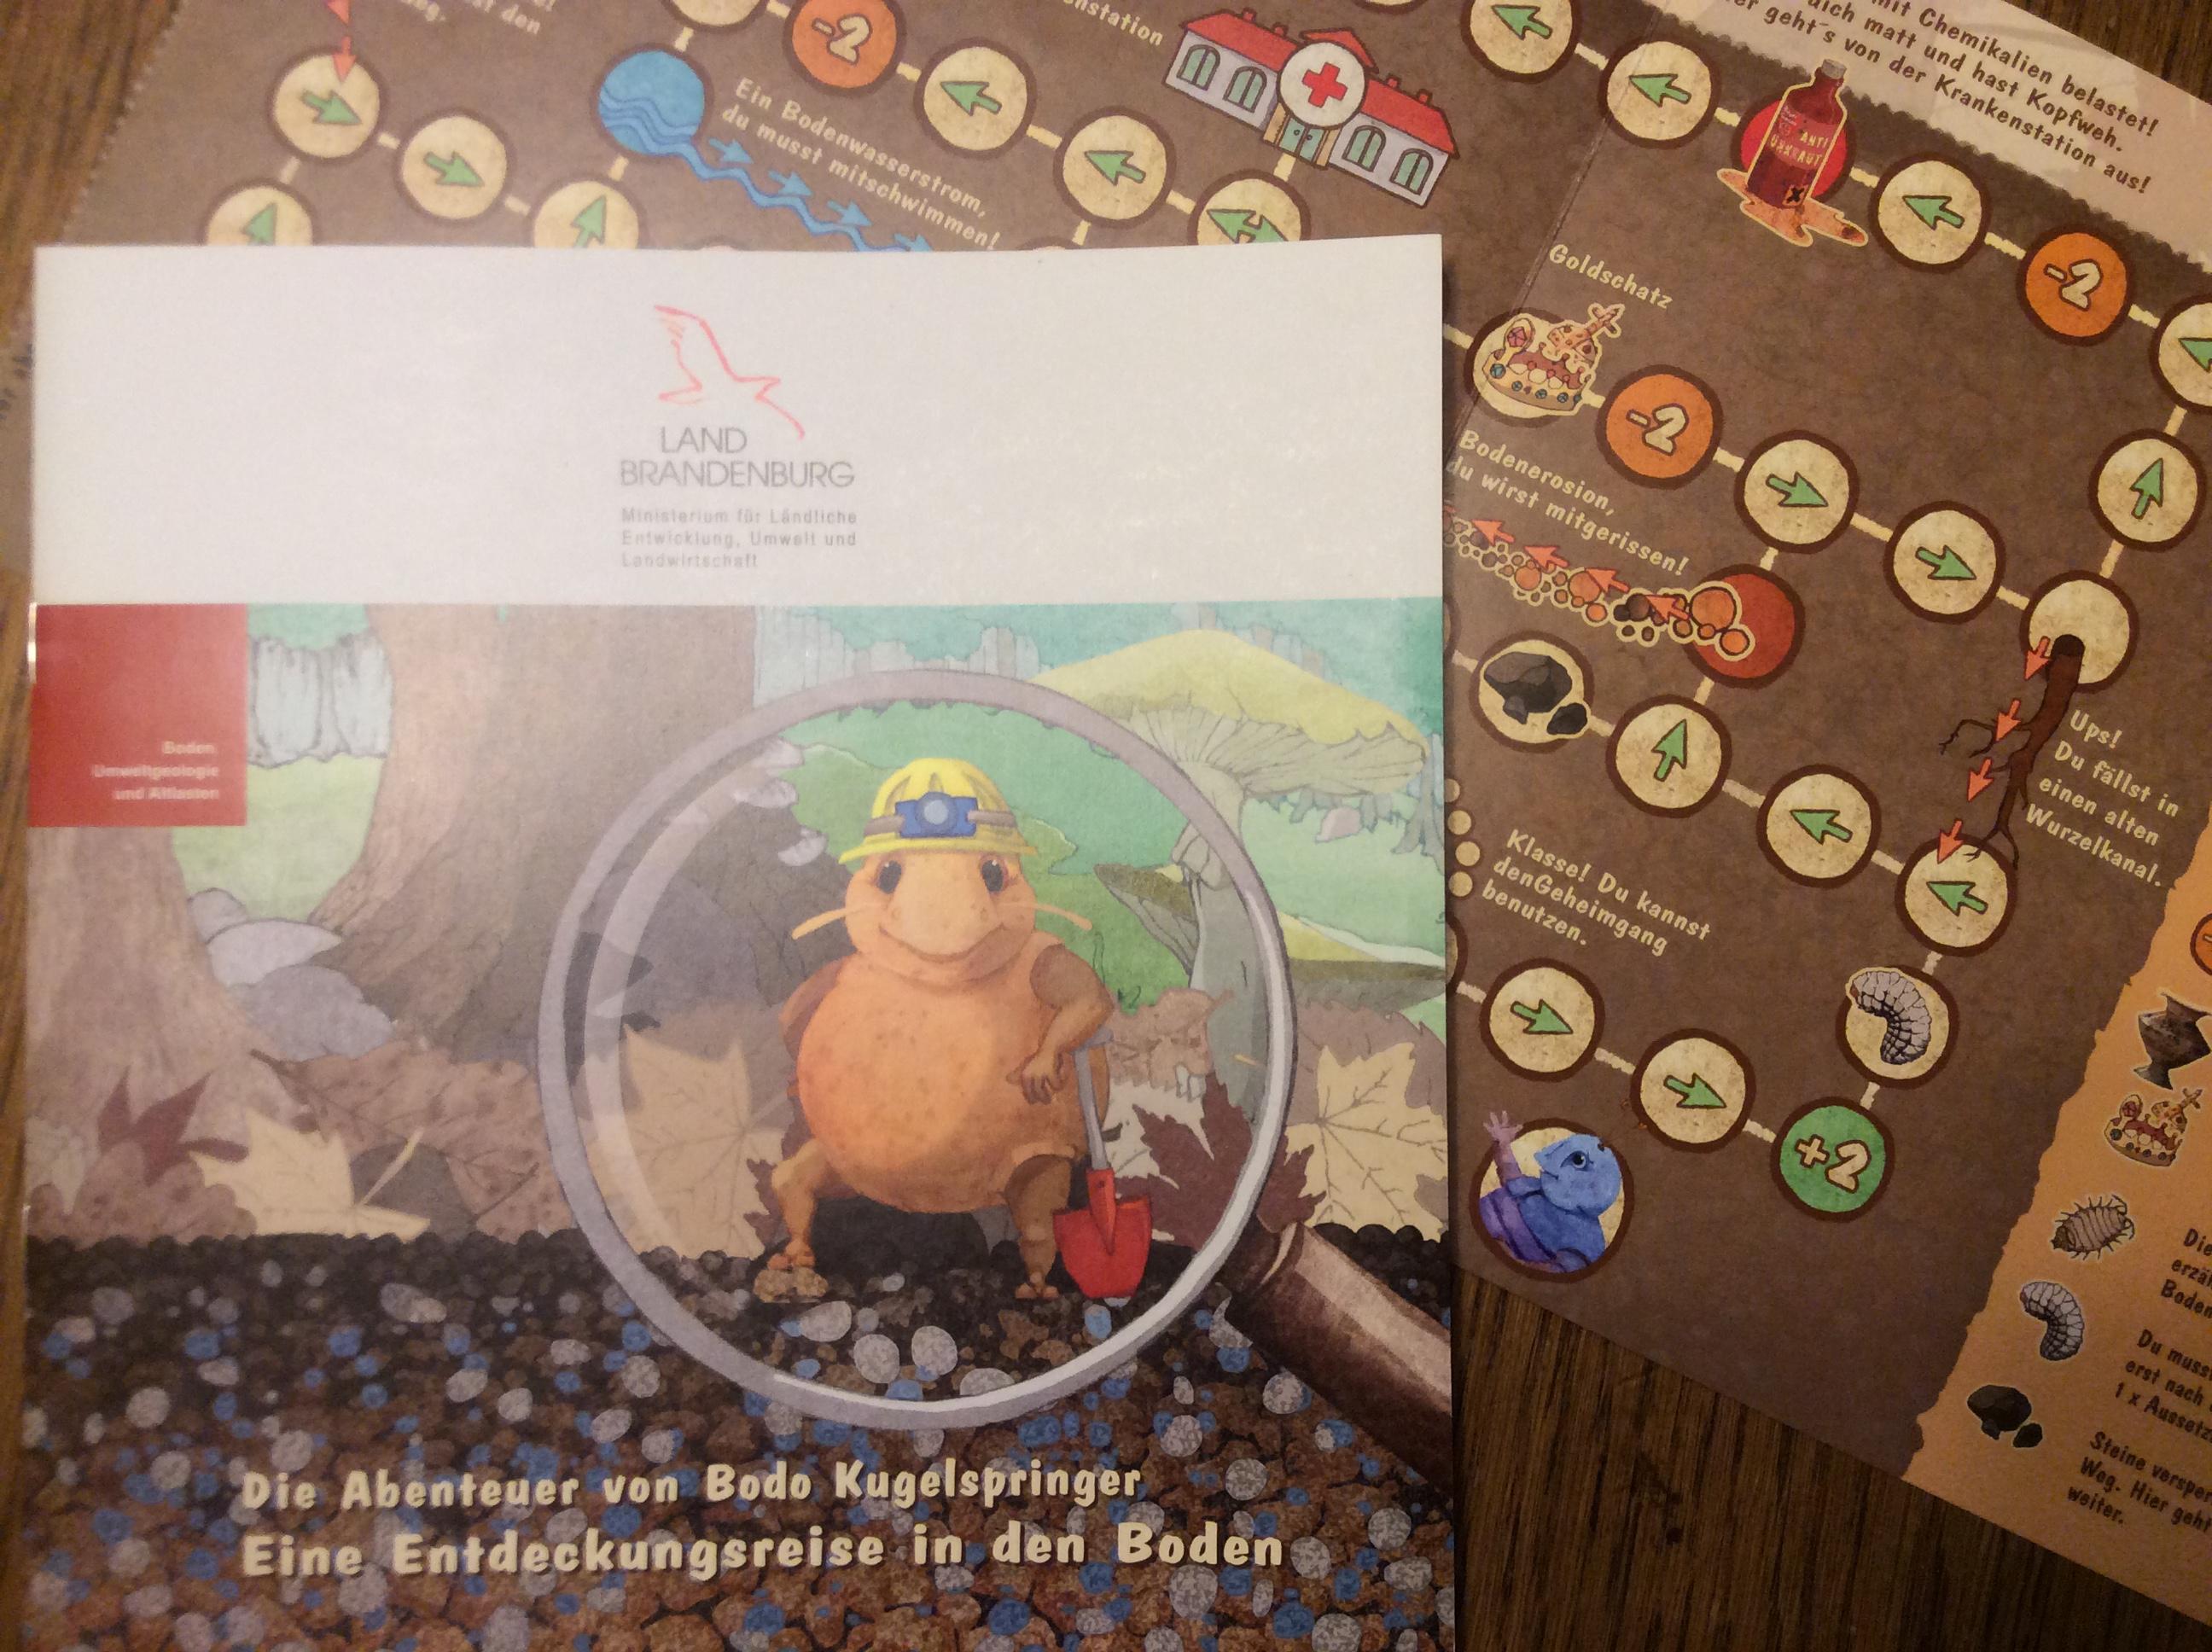 Die Abenteuer von Bodo Kugelspringer (Broschüre vom mlul)